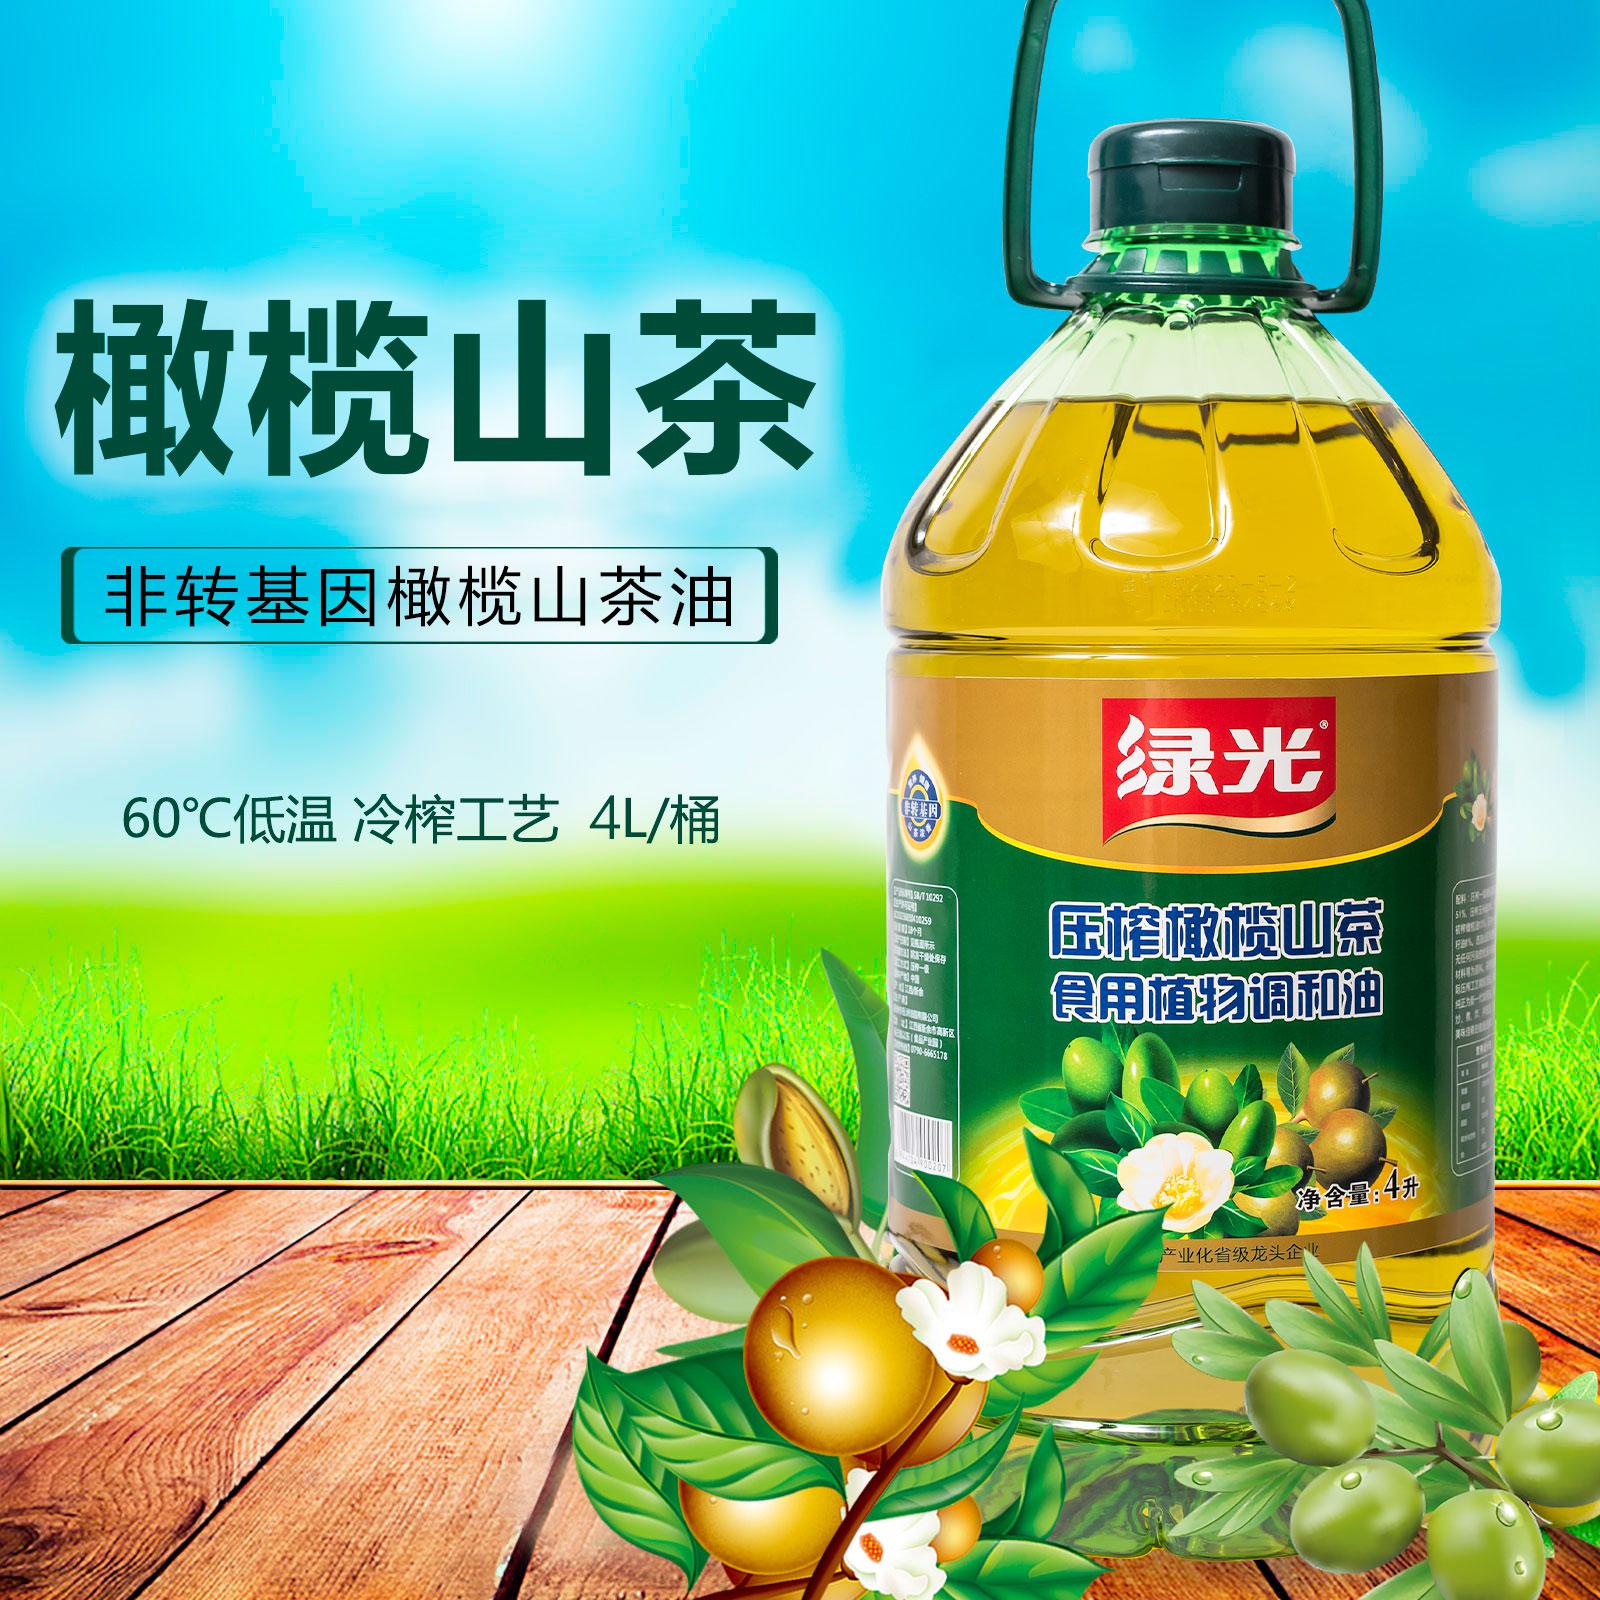 绿光橄榄山茶食用植物调和油4L 食用油 物理压榨 特级初榨橄榄油